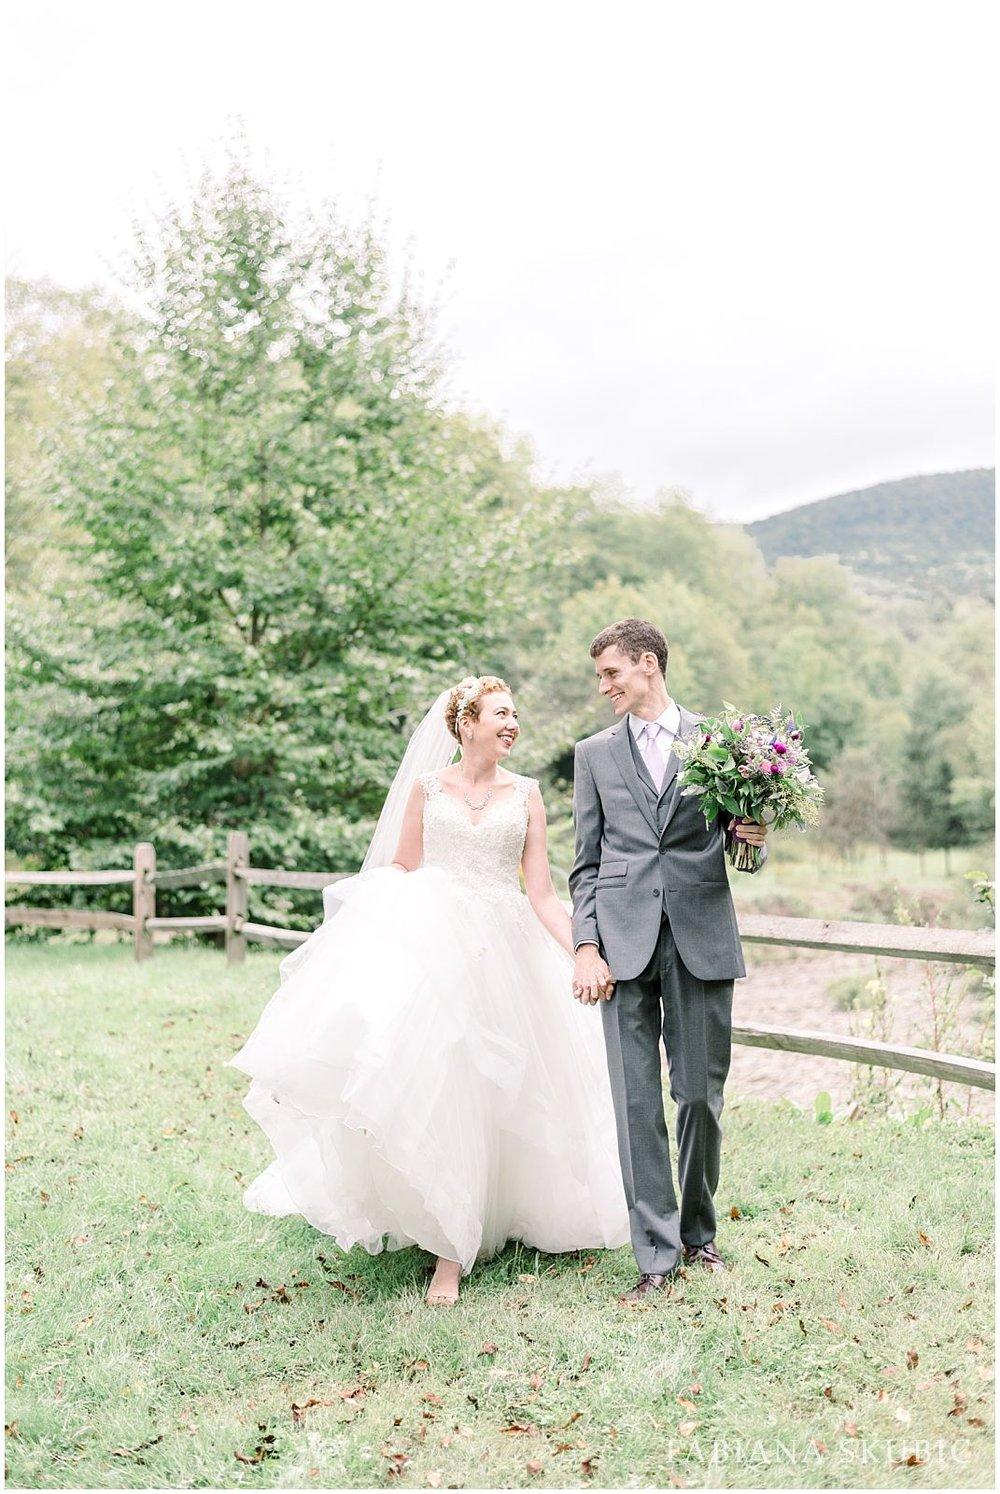 FabianaSkubic_J&M_FullMoonResort_Wedding_0046.jpg